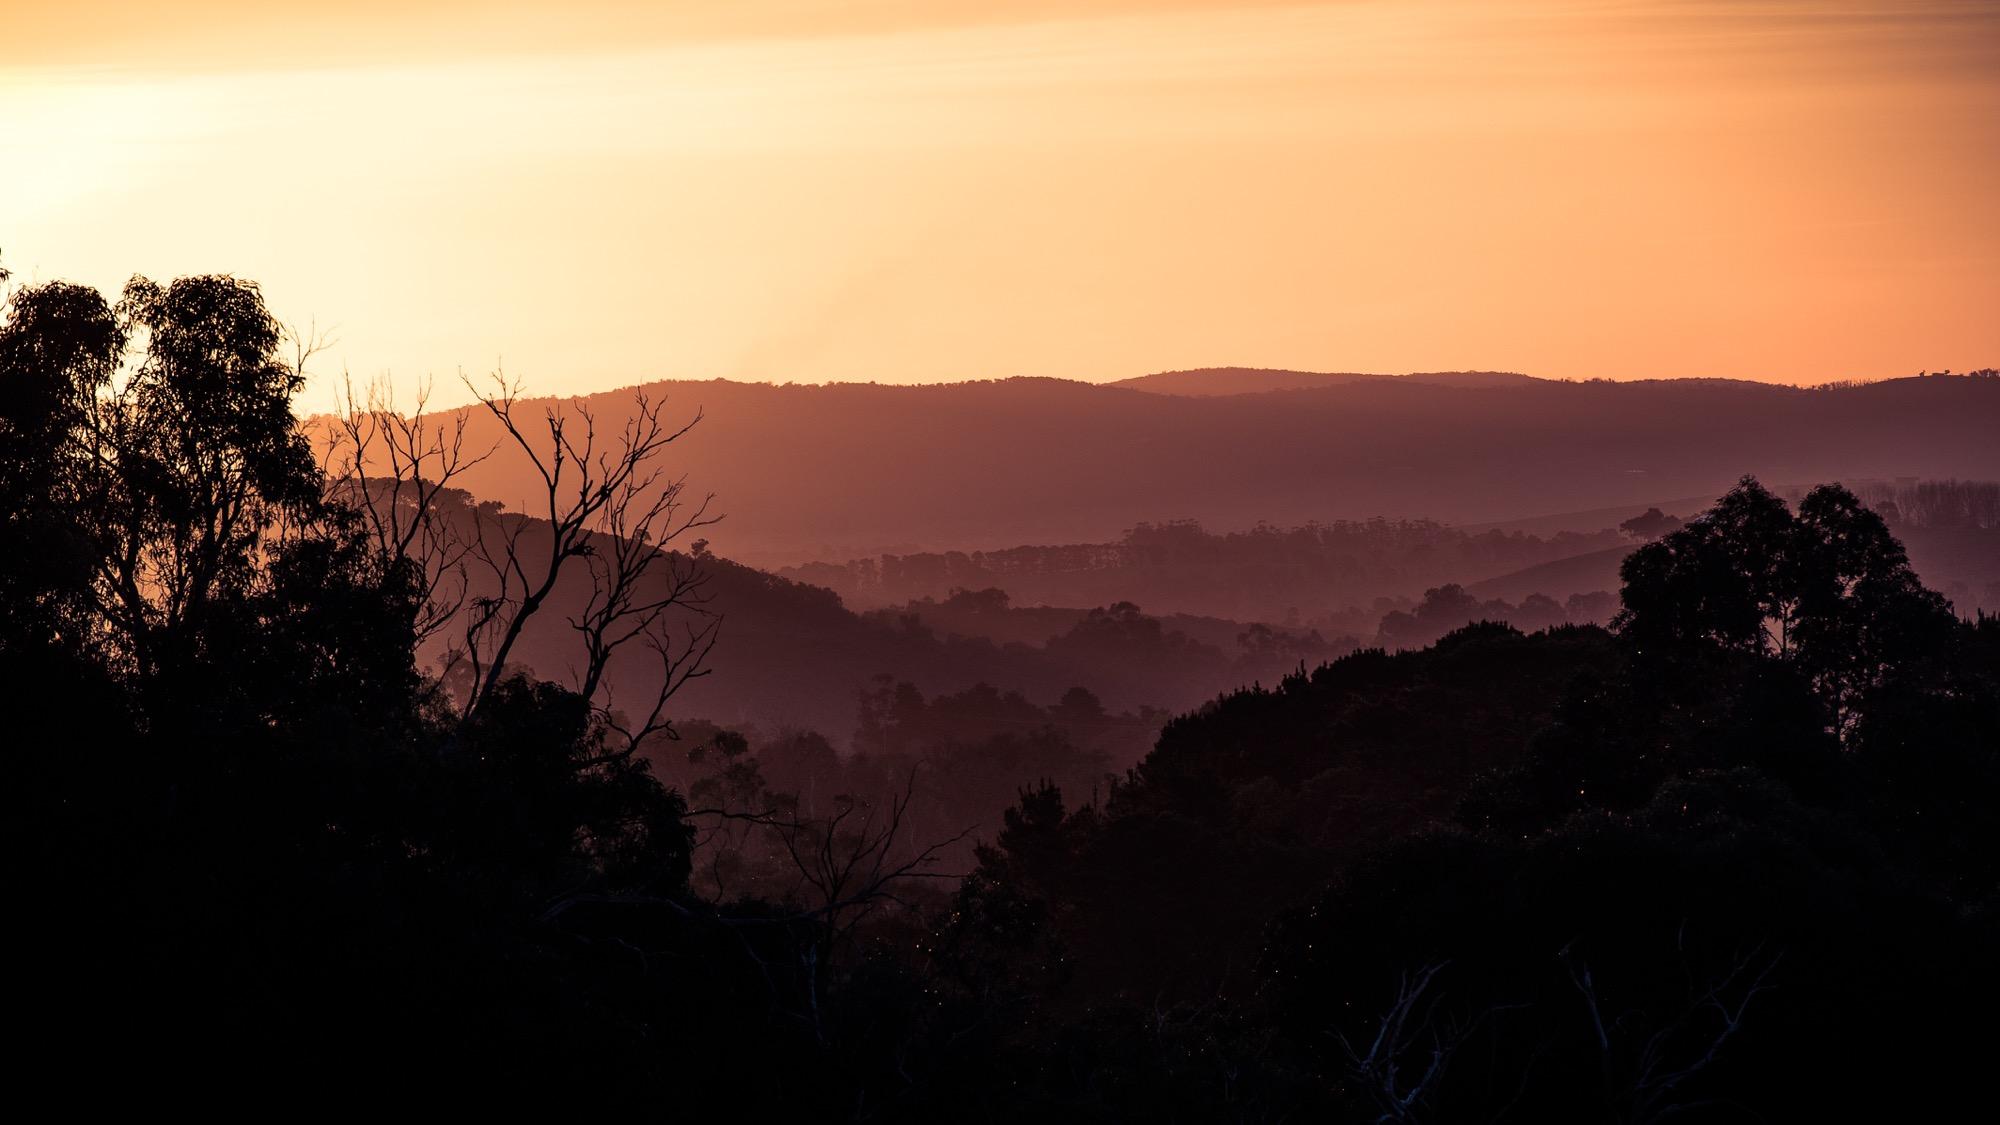 Sundown in the mountains